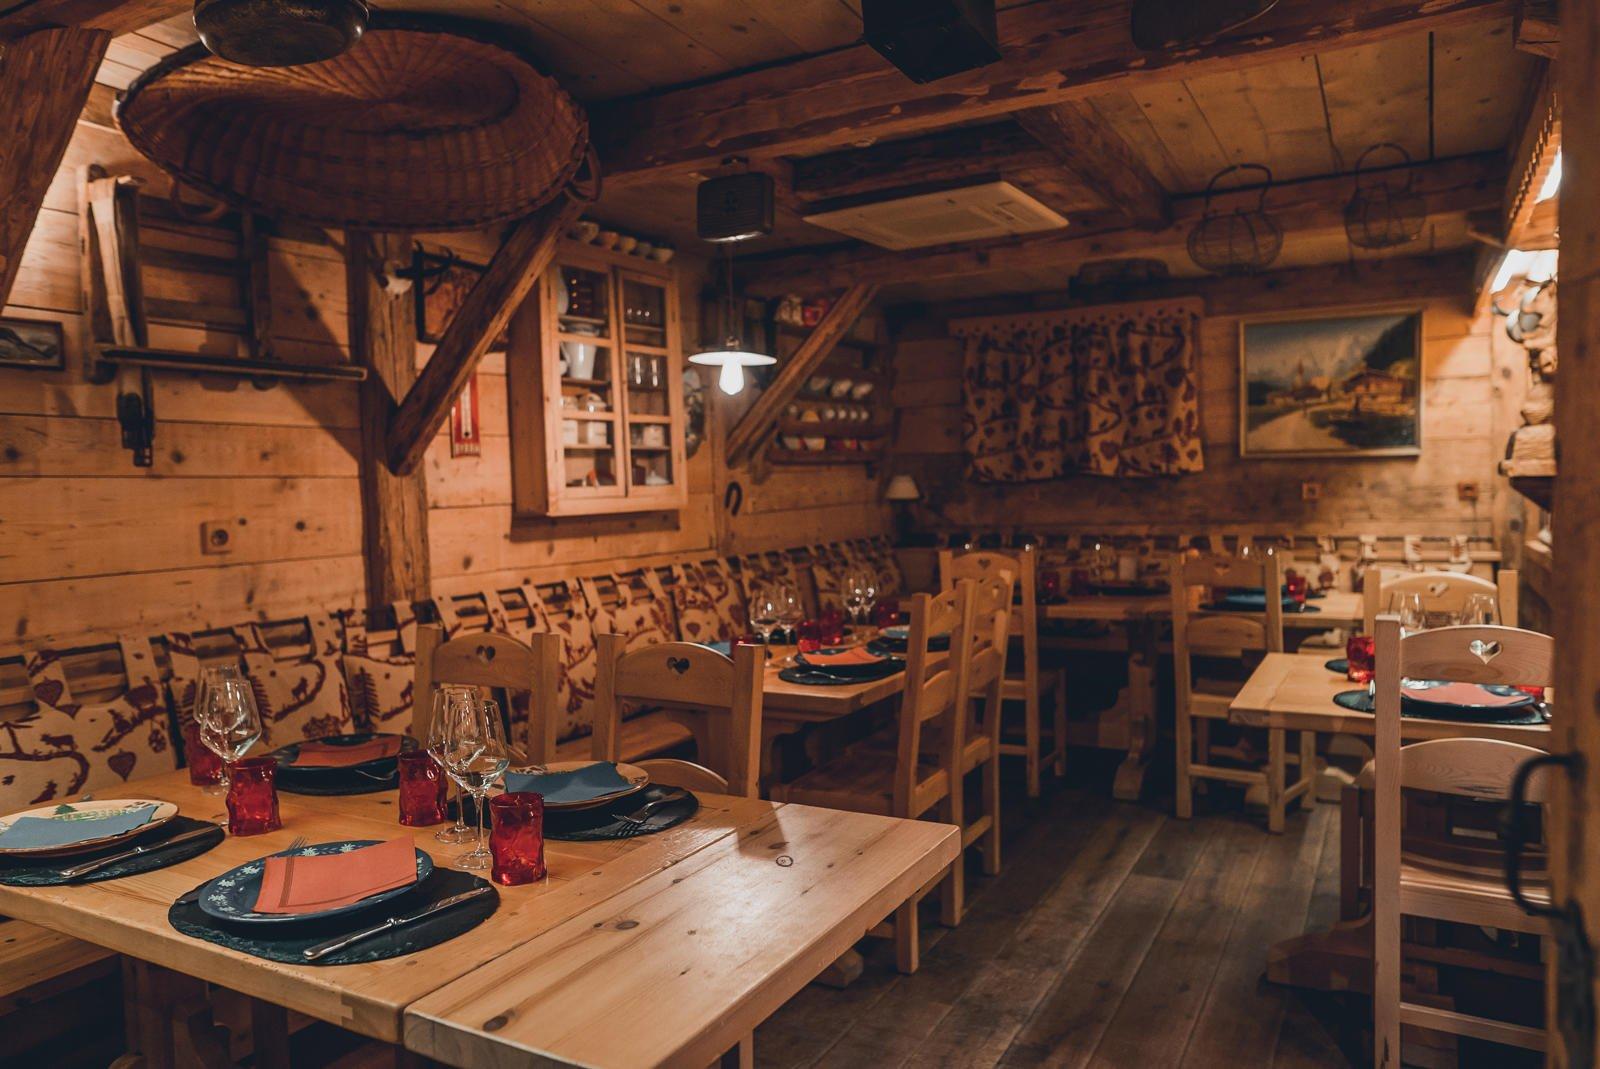 Salle de restaurant en bois avec tables dressées